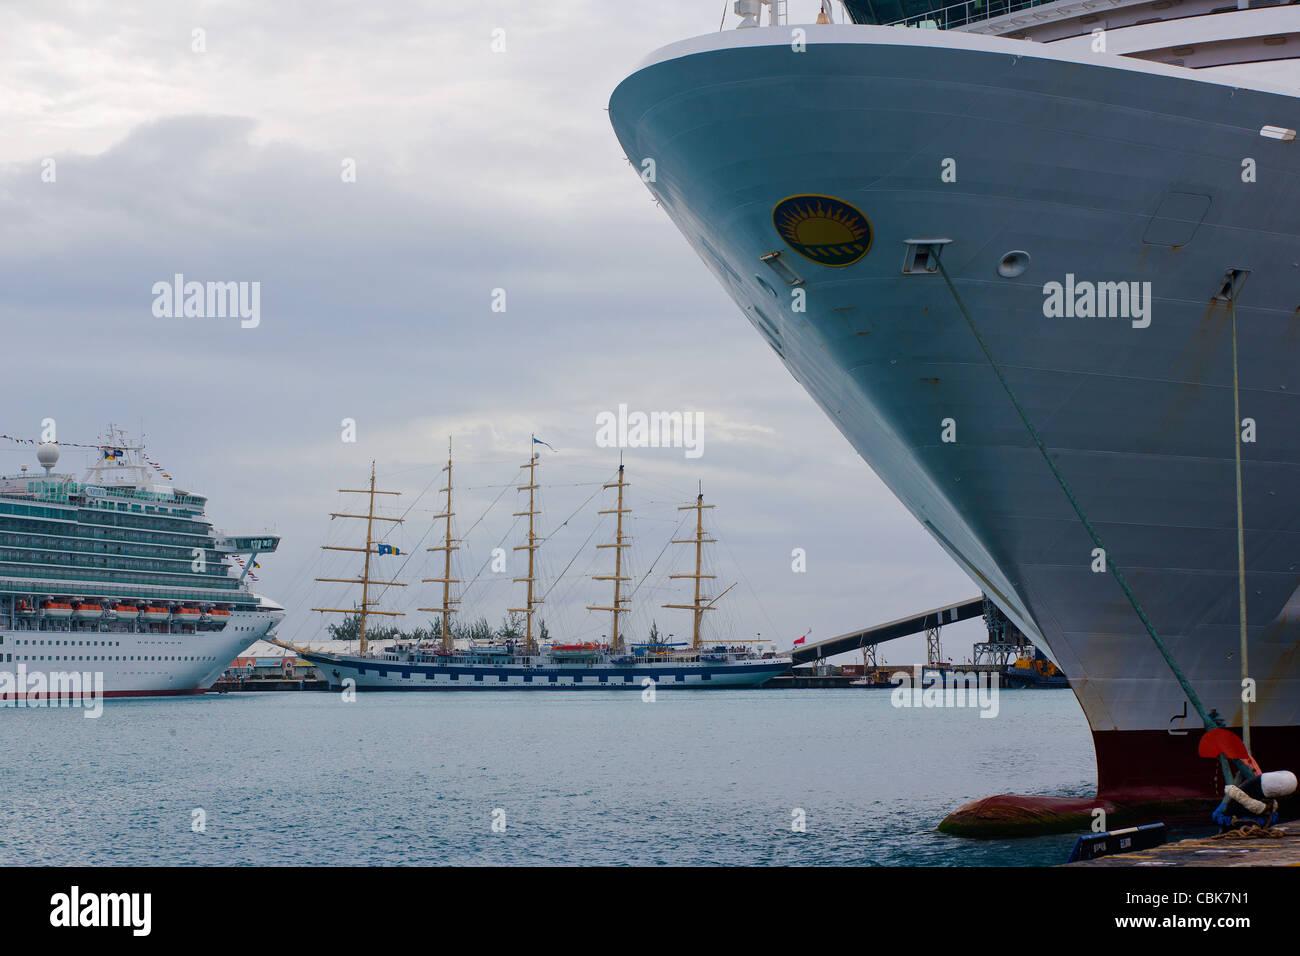 Star Clippers @ P&O Azura Cruise Ship Barbados - Stock Image